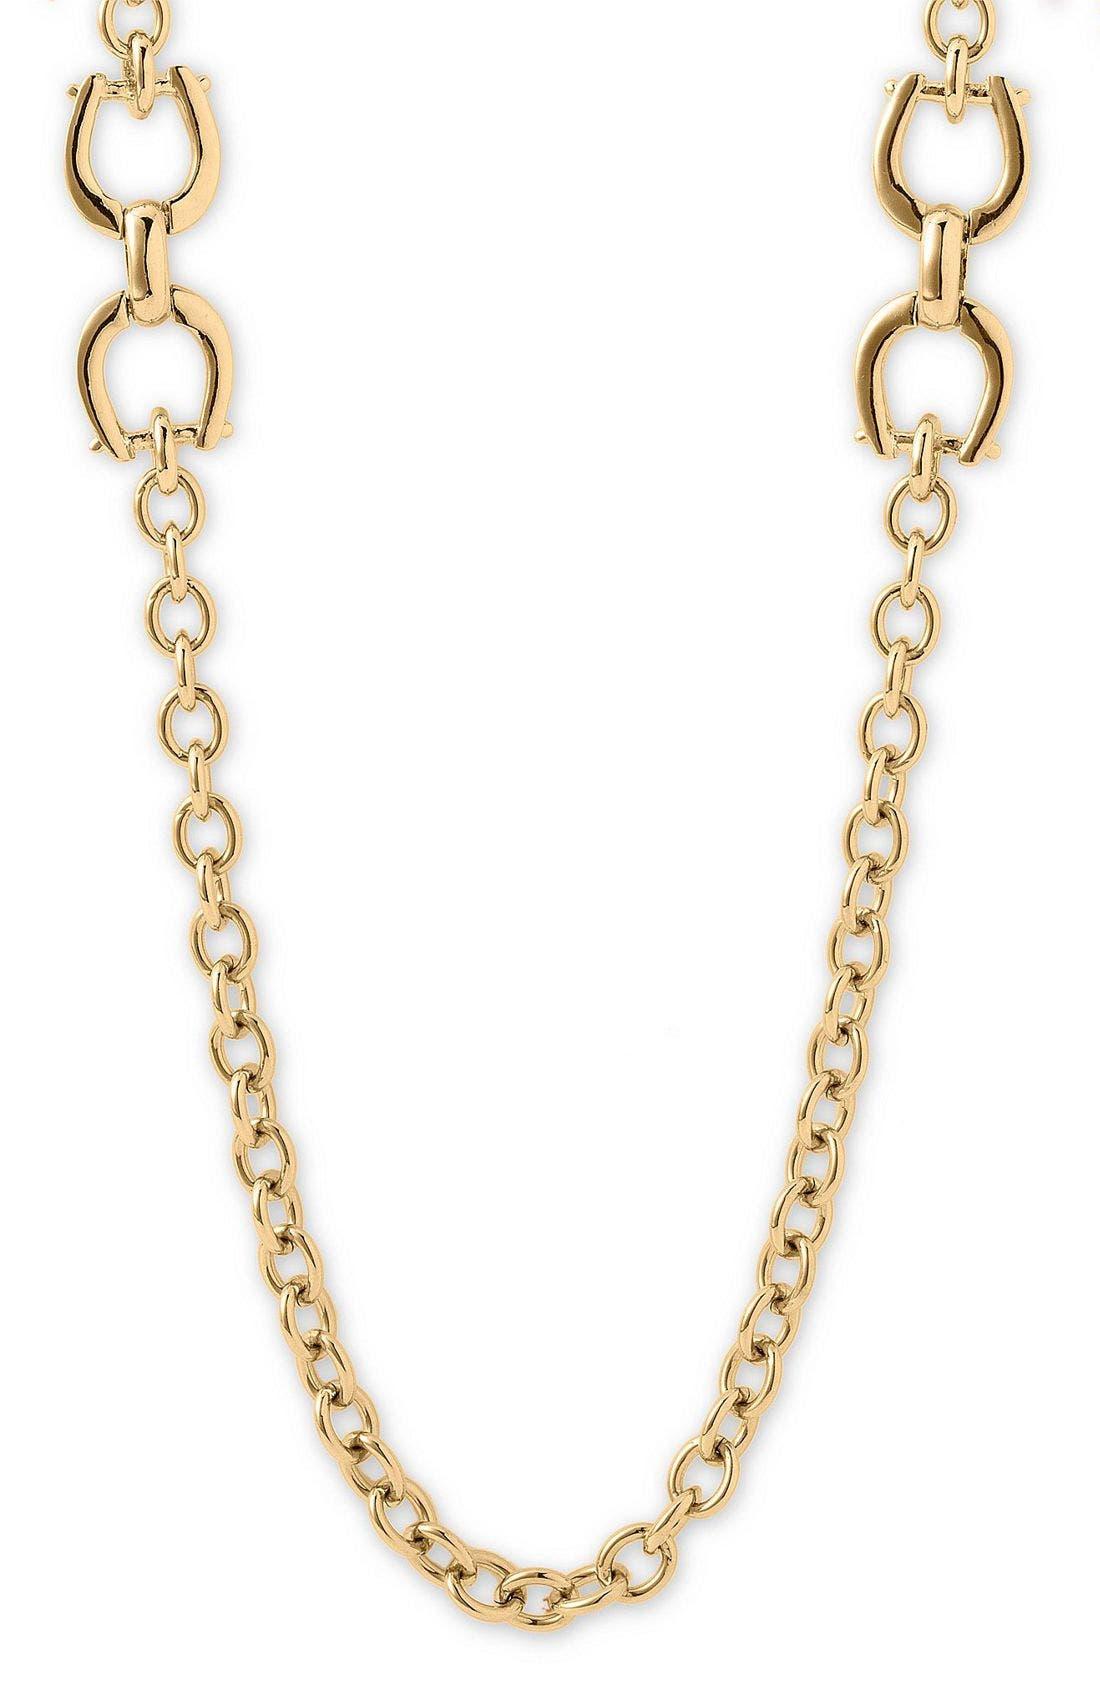 Alternate Image 1 Selected - Lauren by Ralph Lauren 'Equestrian' Long Necklace